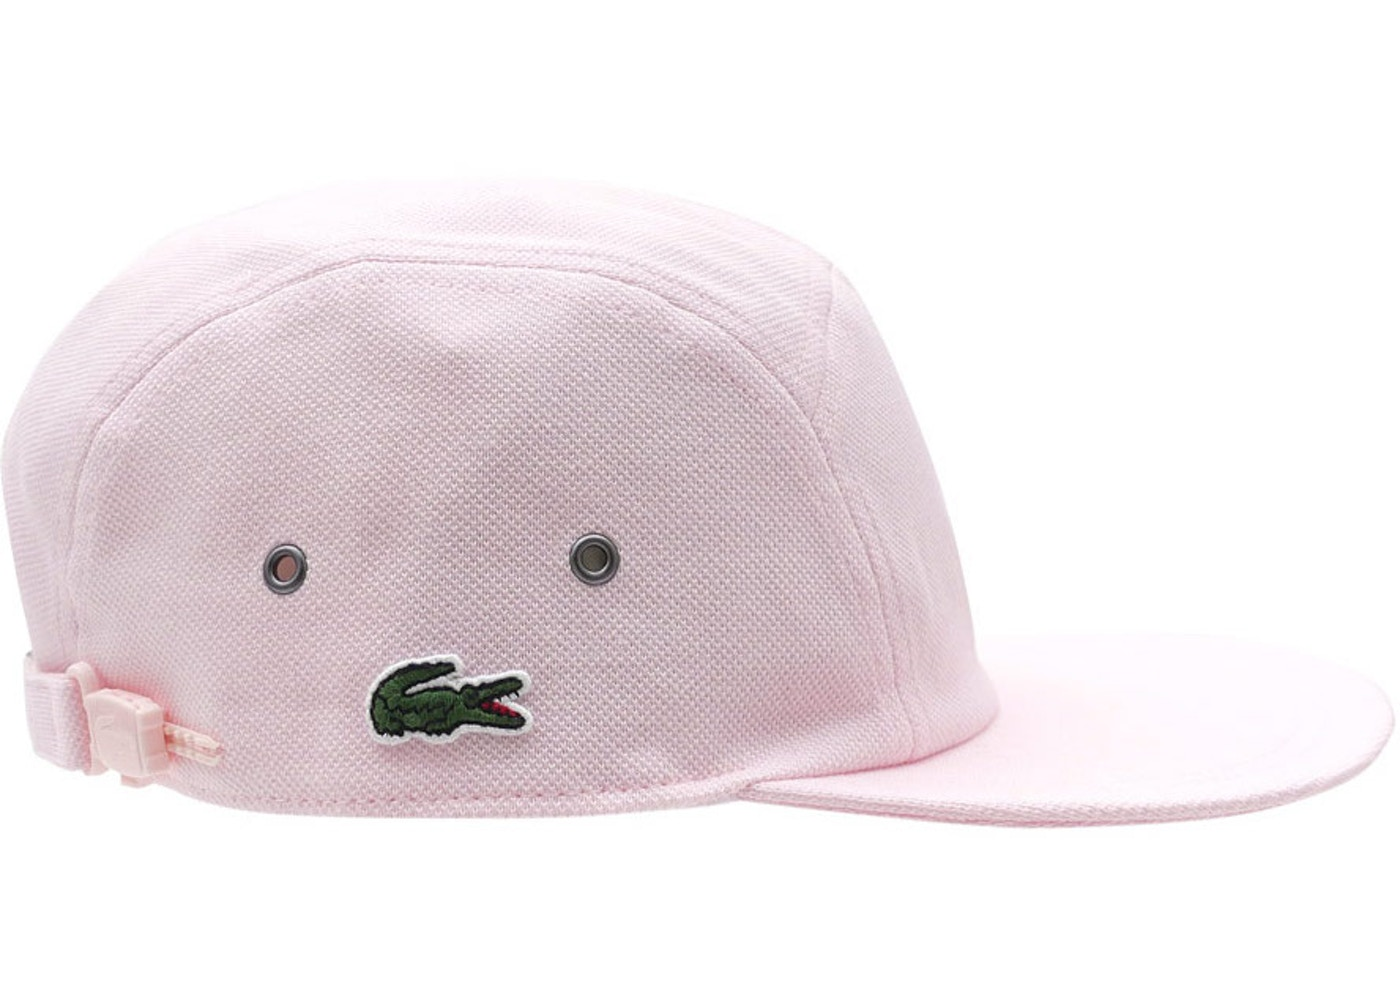 Supreme Lacoste Pique Knit Camp Cap Light Pink - SS17 51d87b18b3d